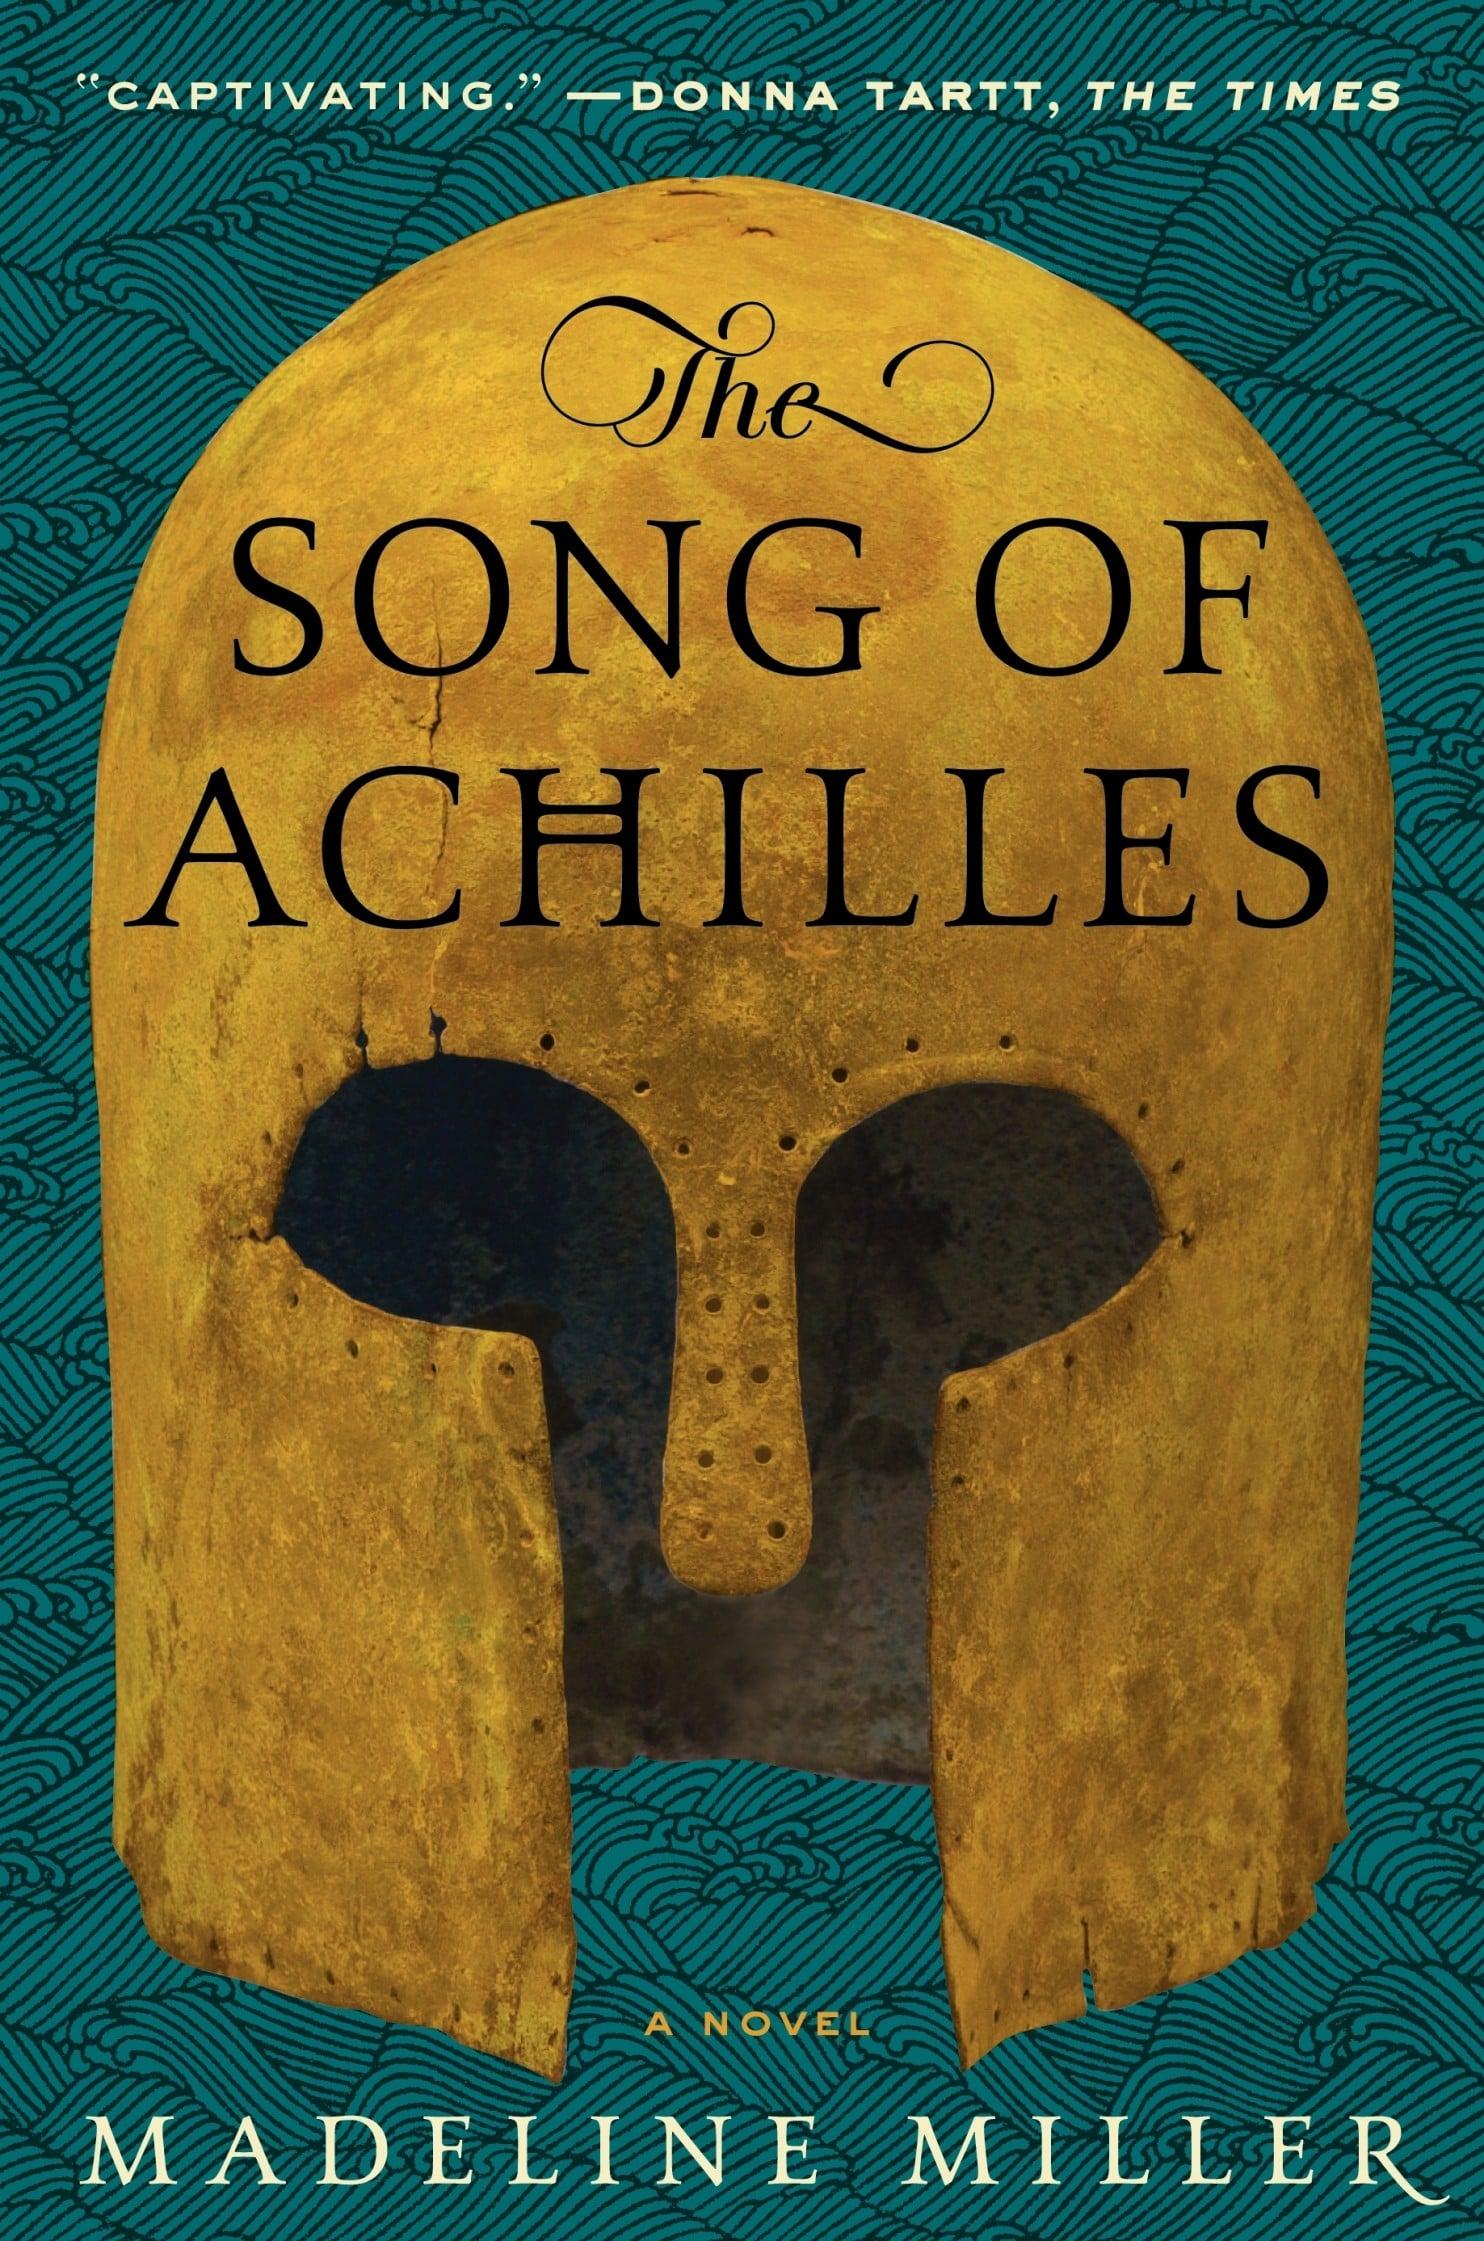 Song of Achilles.JPG